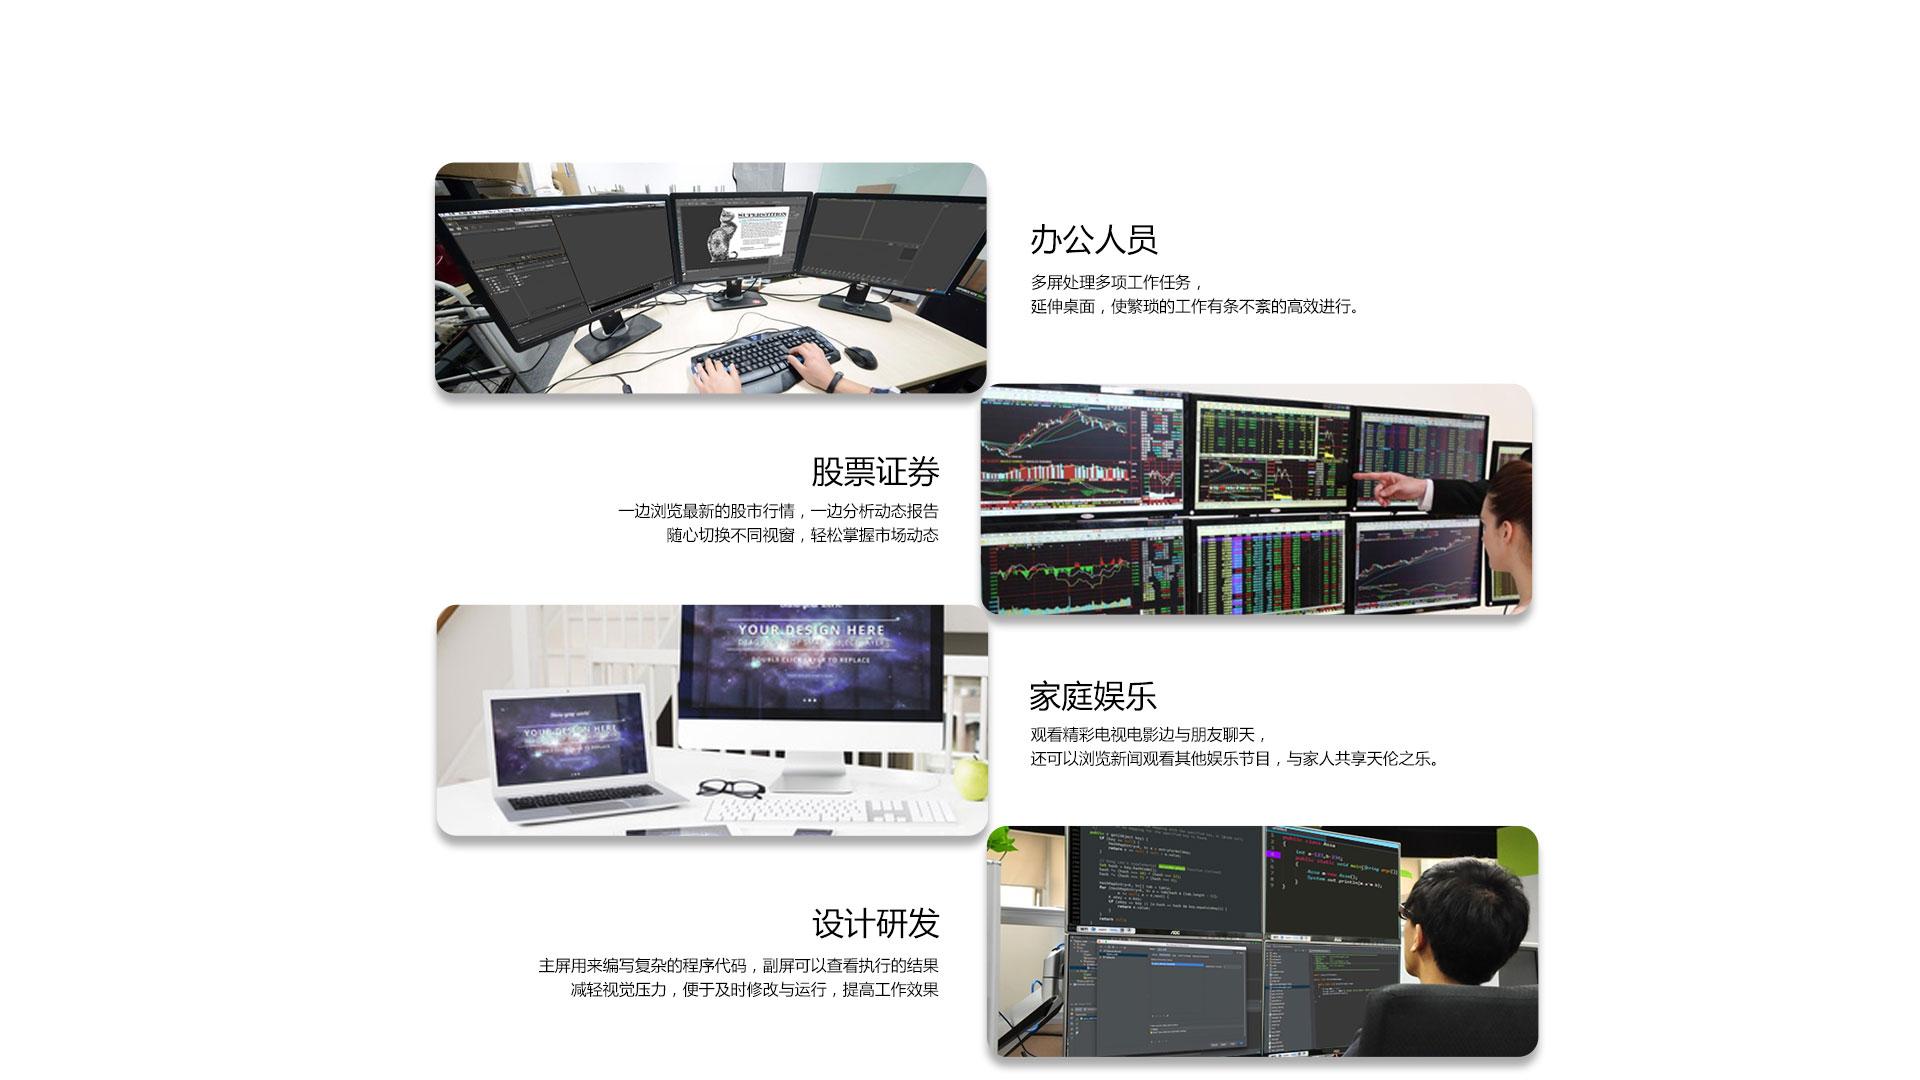 适用于视频编辑、股票证券、研发设计、办公等人员